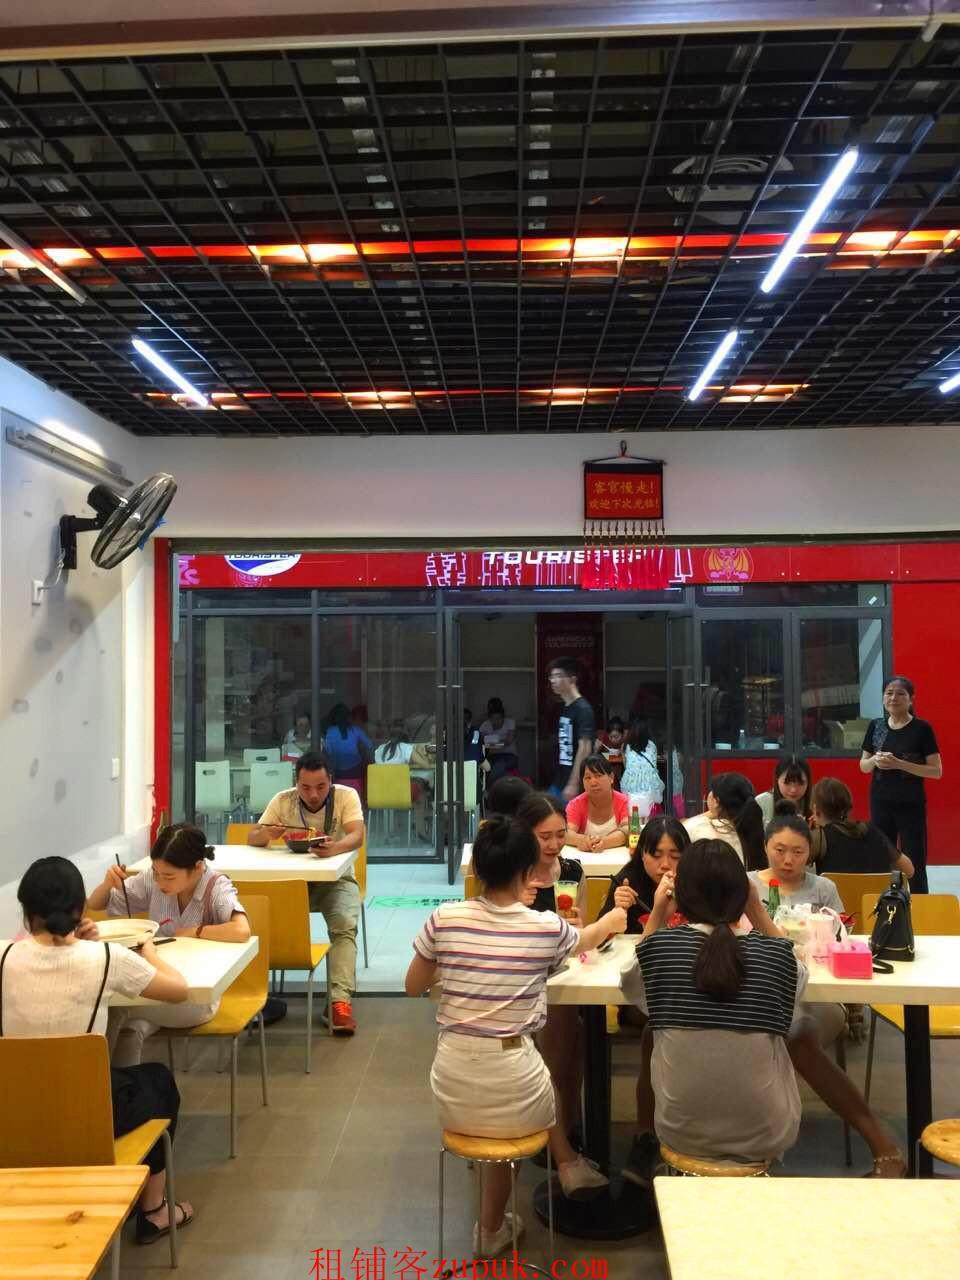 光谷地铁站快餐店急转